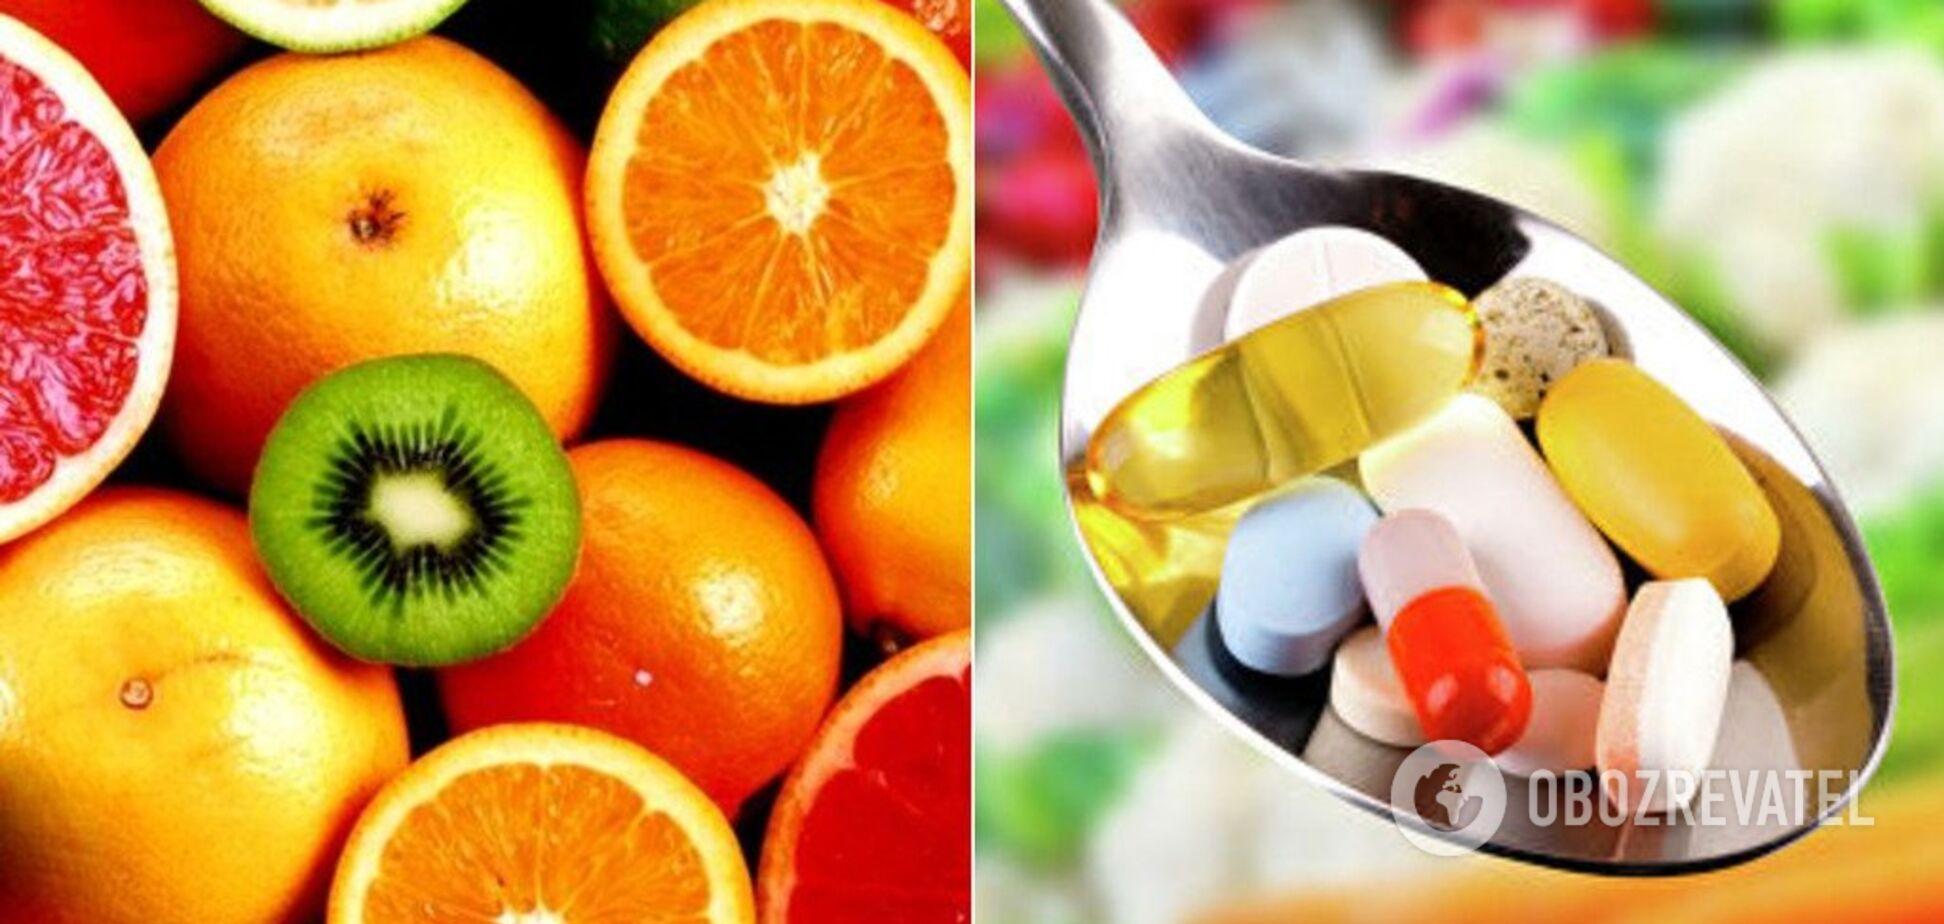 Дієтологиня розвінчала міфи про вітаміни